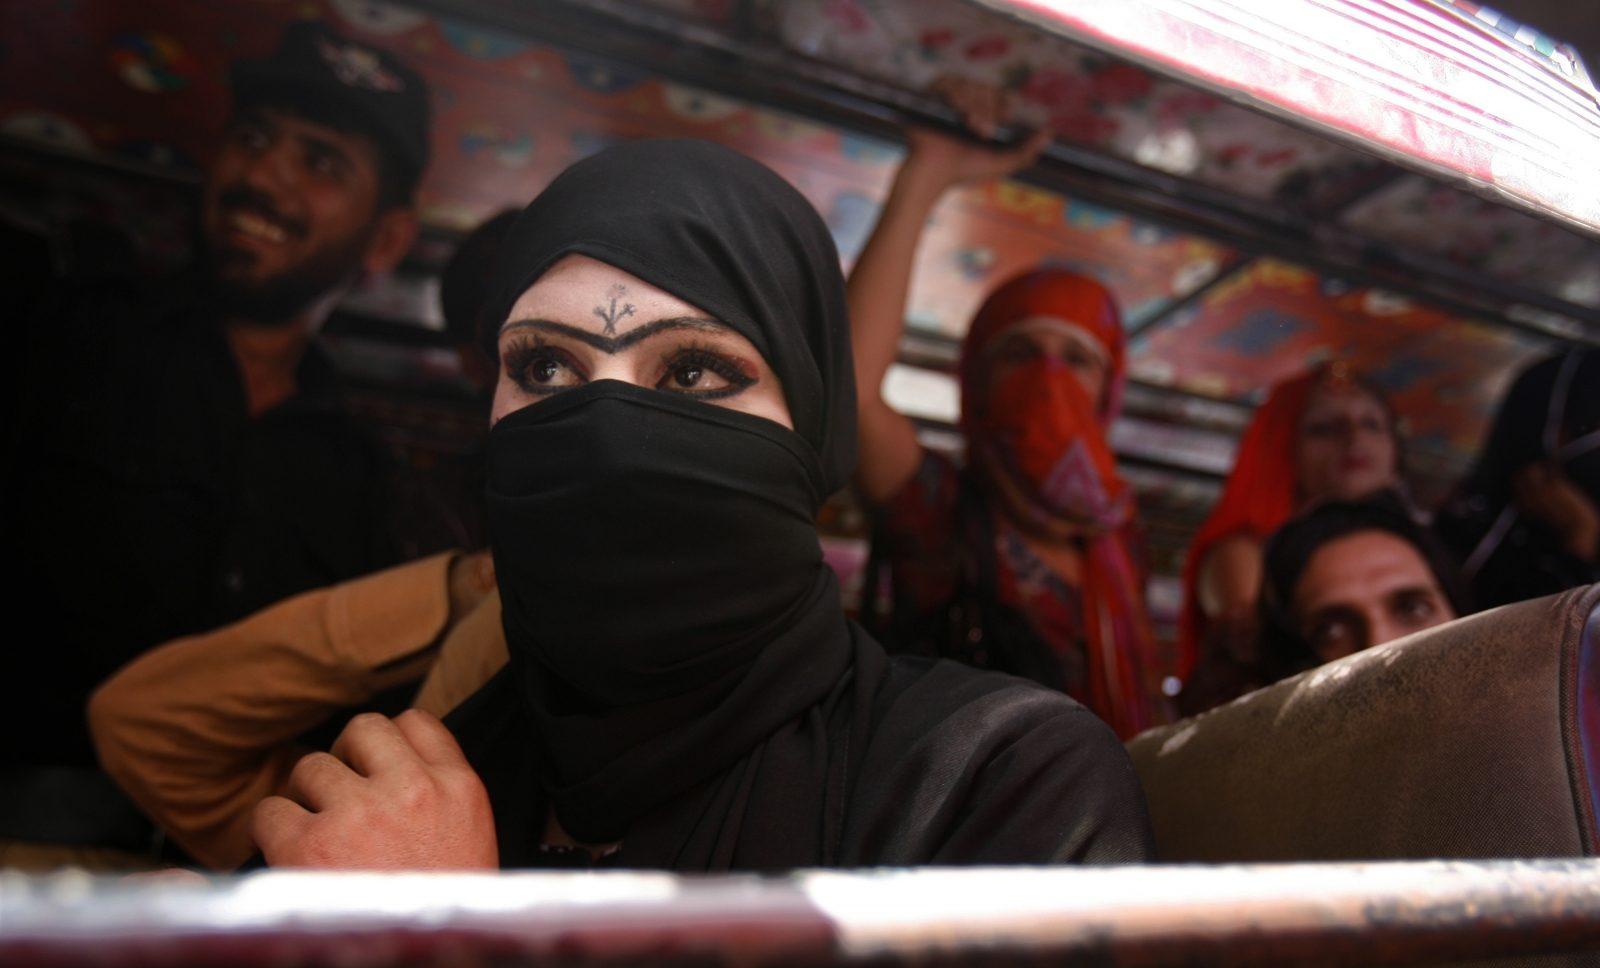 Trans Kadınları İşyerinde Taciz Etmek Pakistan'da Yasa Dışı Olacak